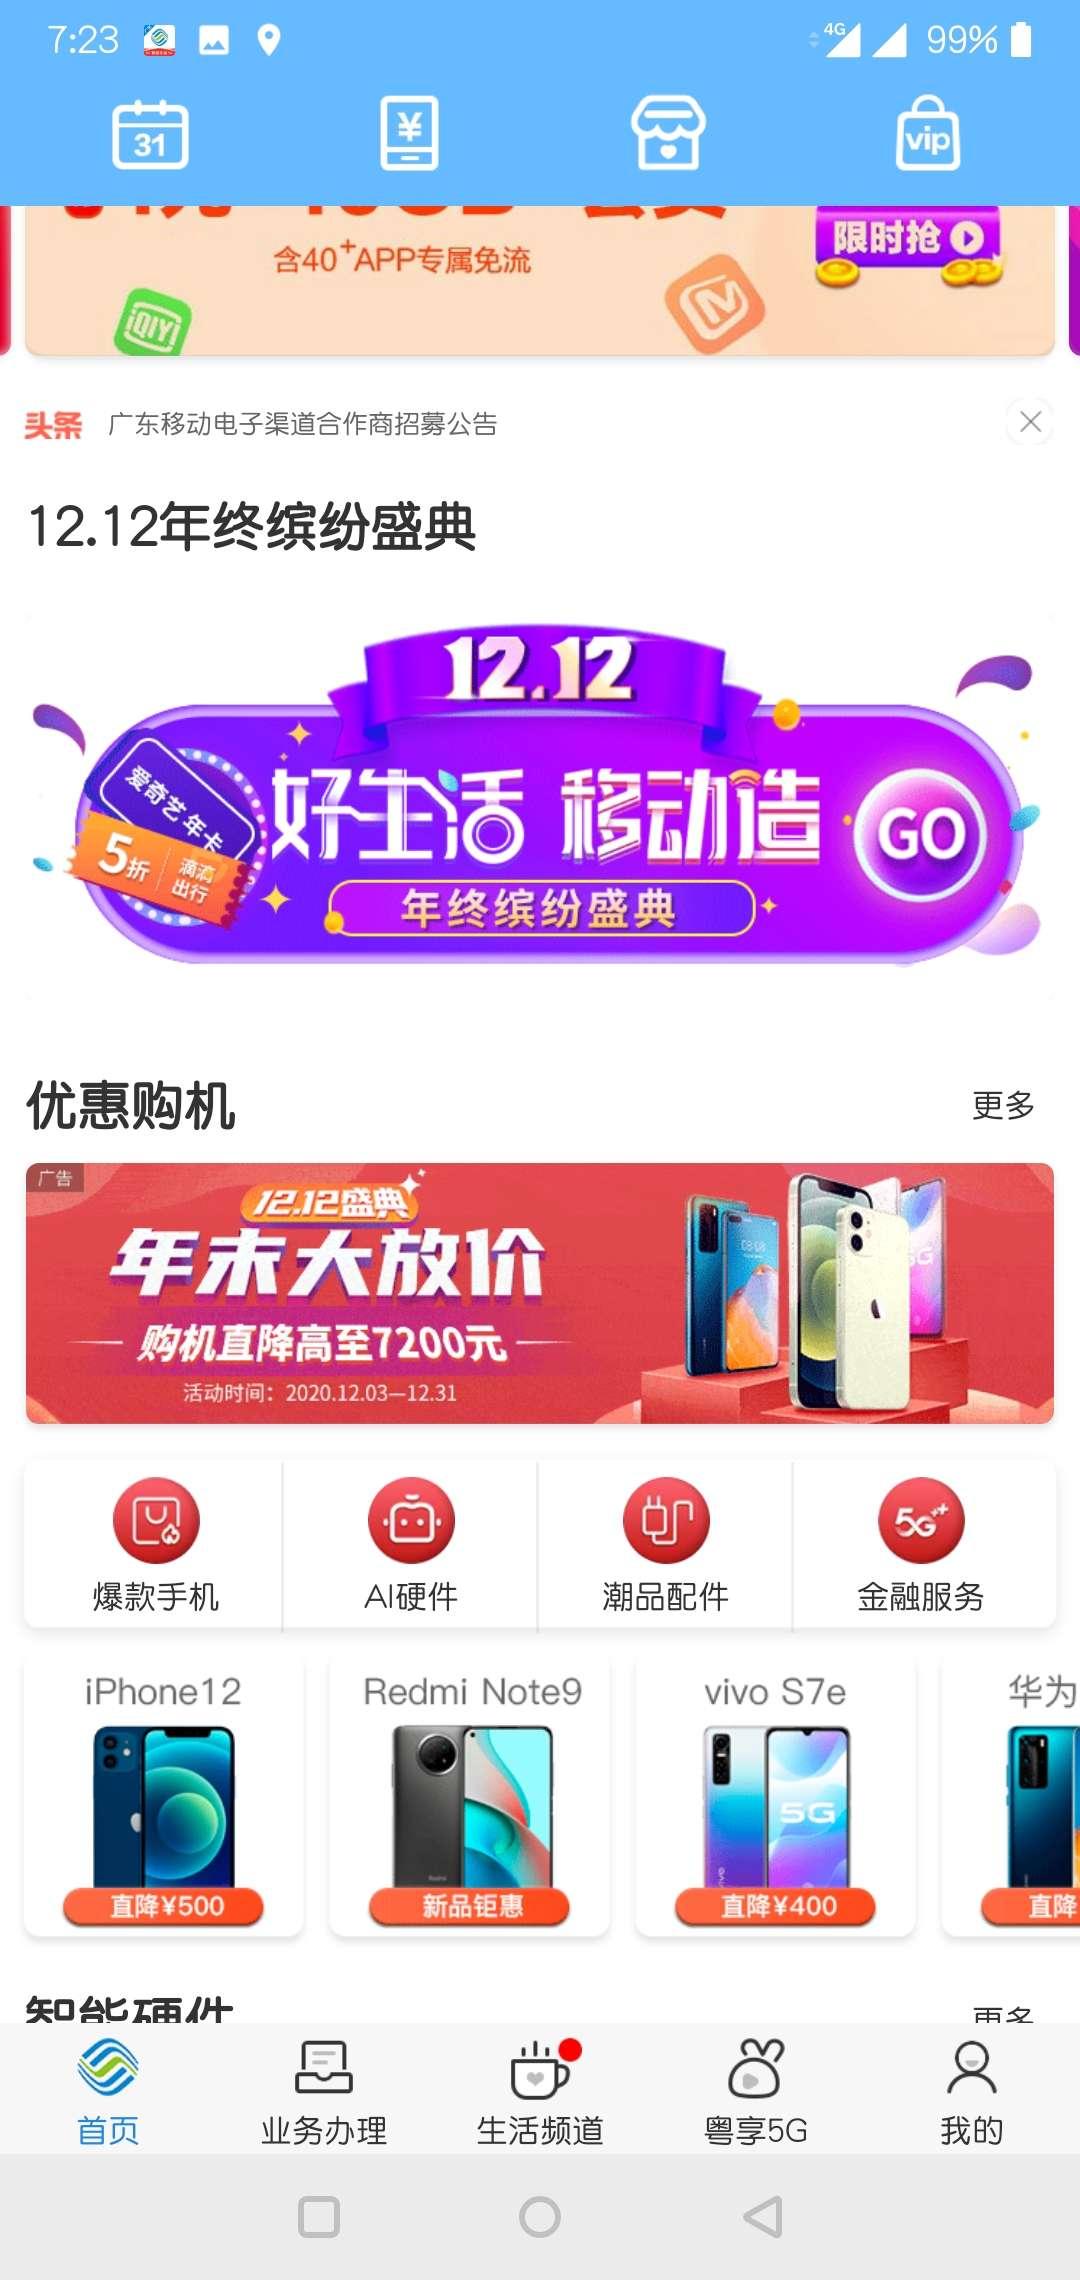 广东移动app活动-聚合资源网